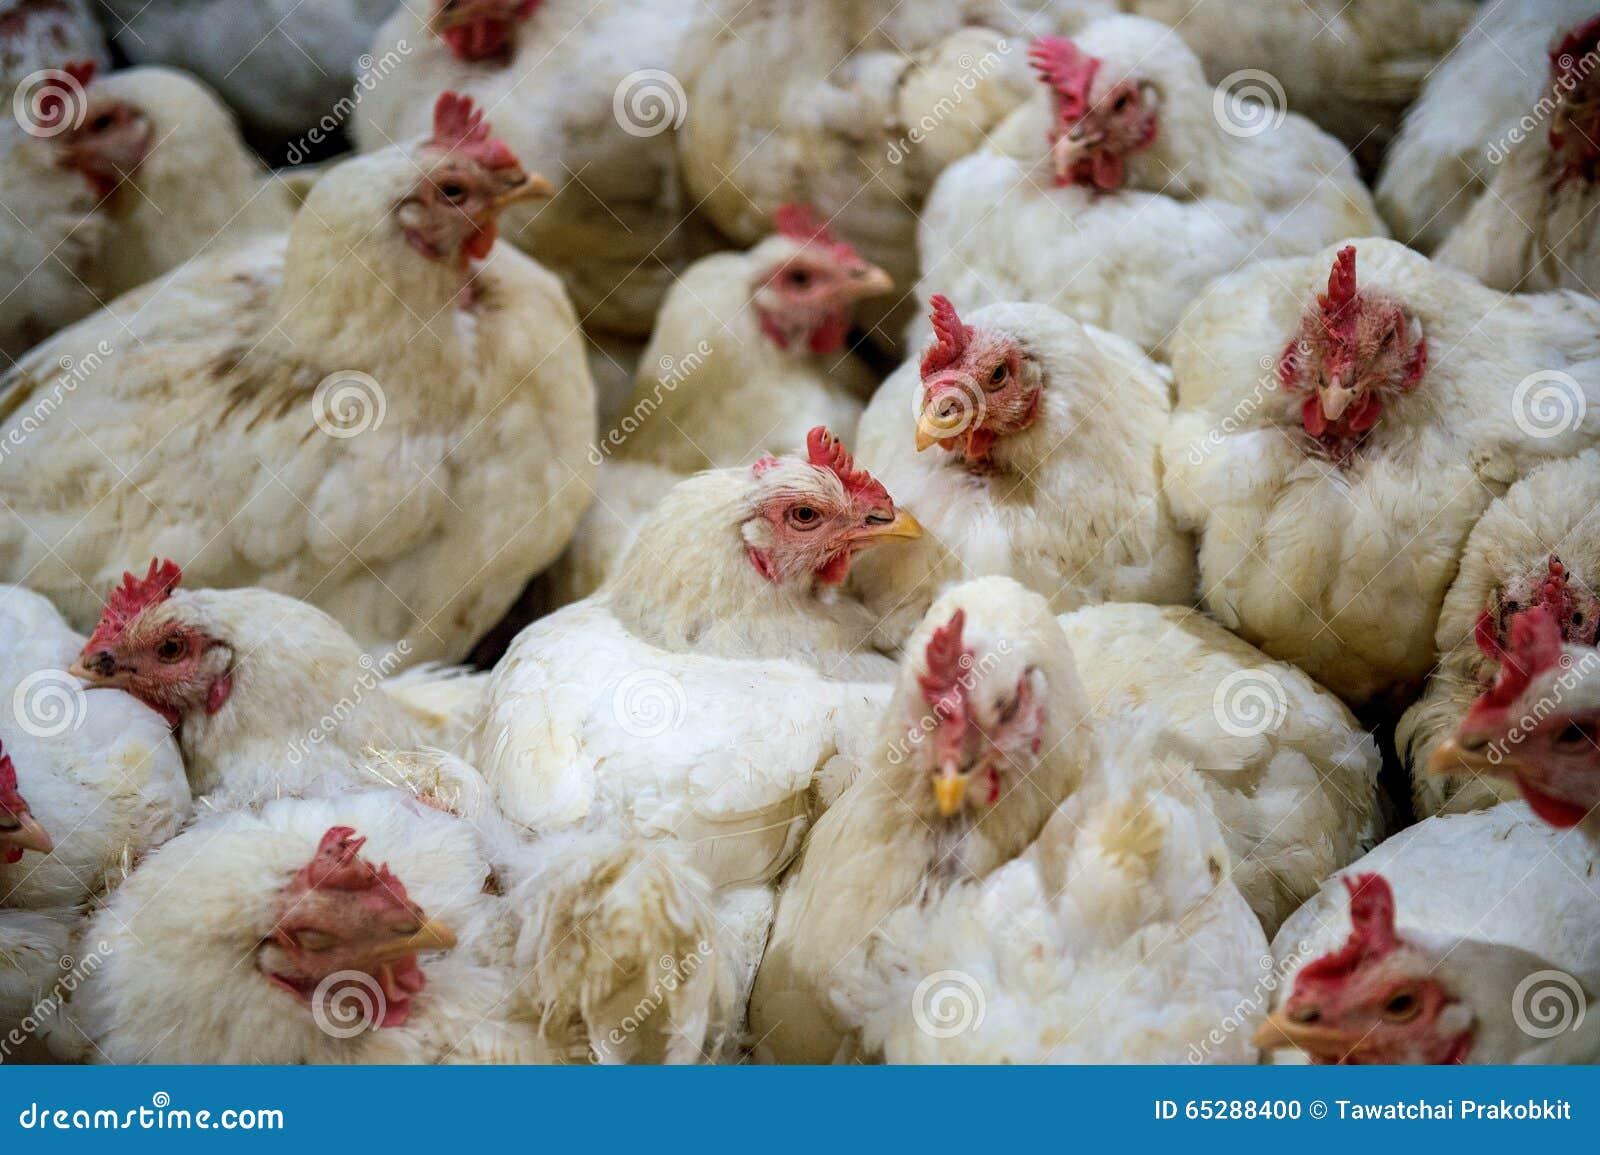 Chory kurczak lub Smutny kurczak w gospodarstwie rolnym, epidemia, ptasia grypa